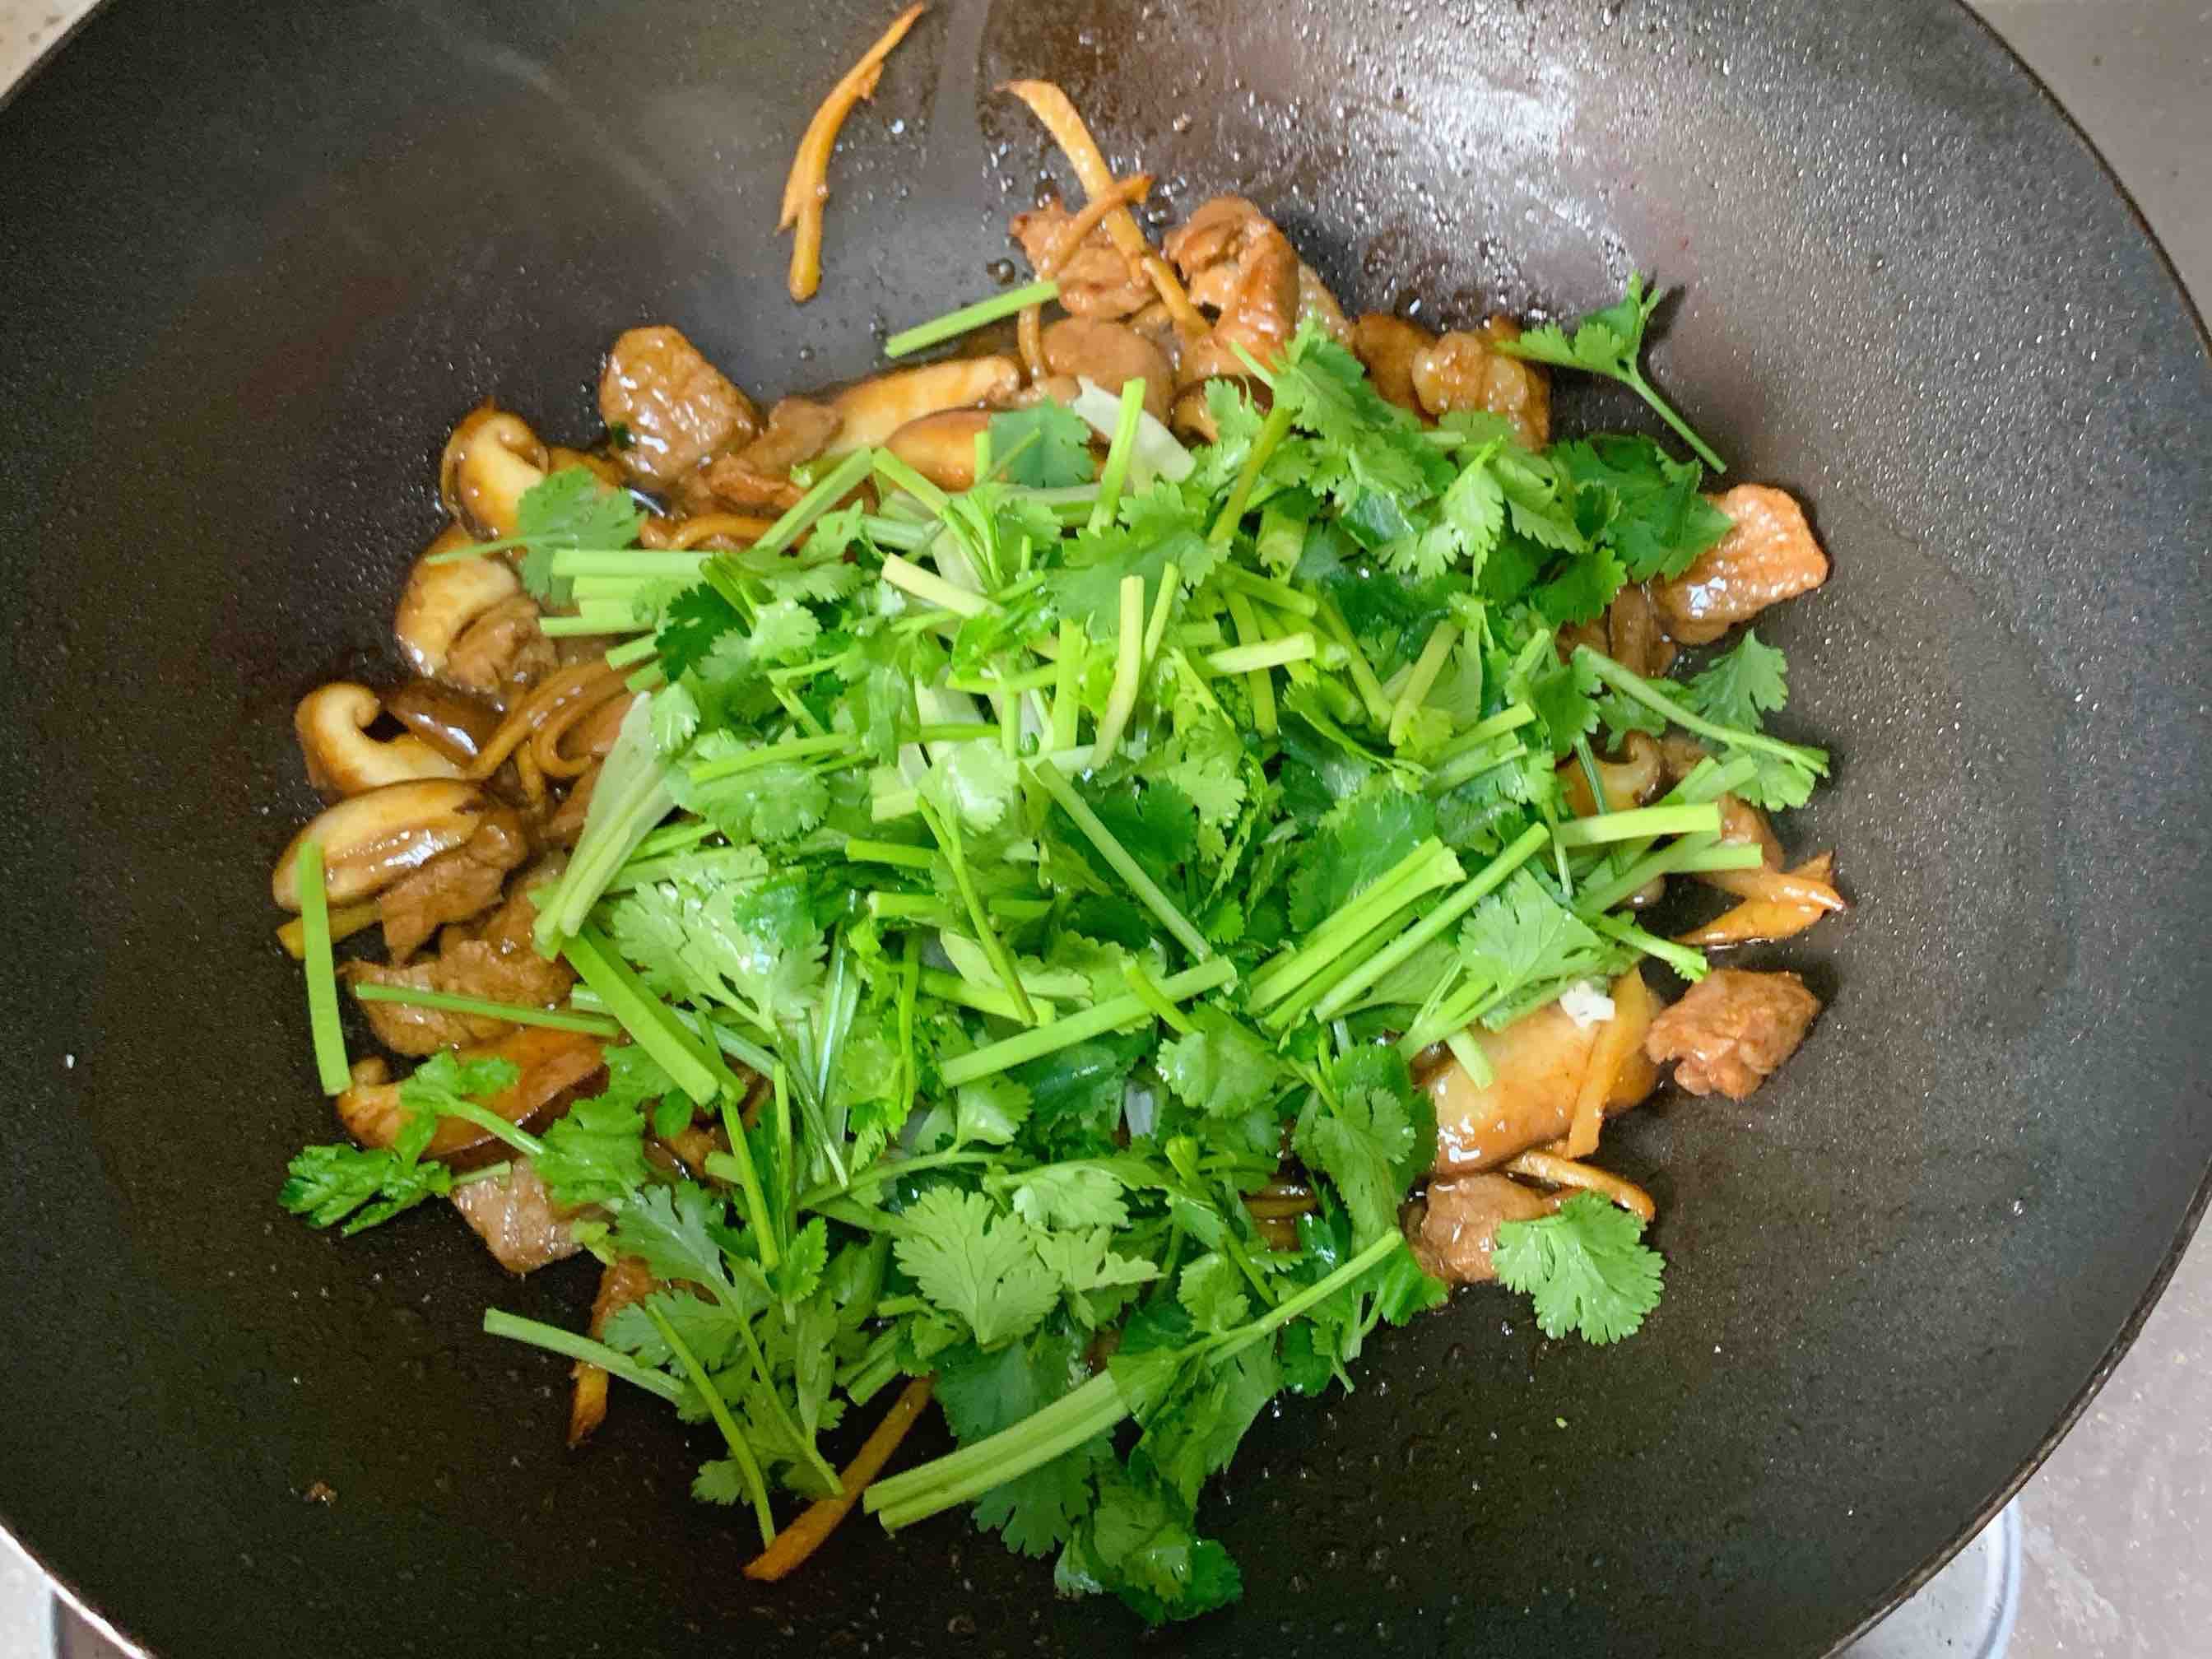 香菜炒肉怎么吃